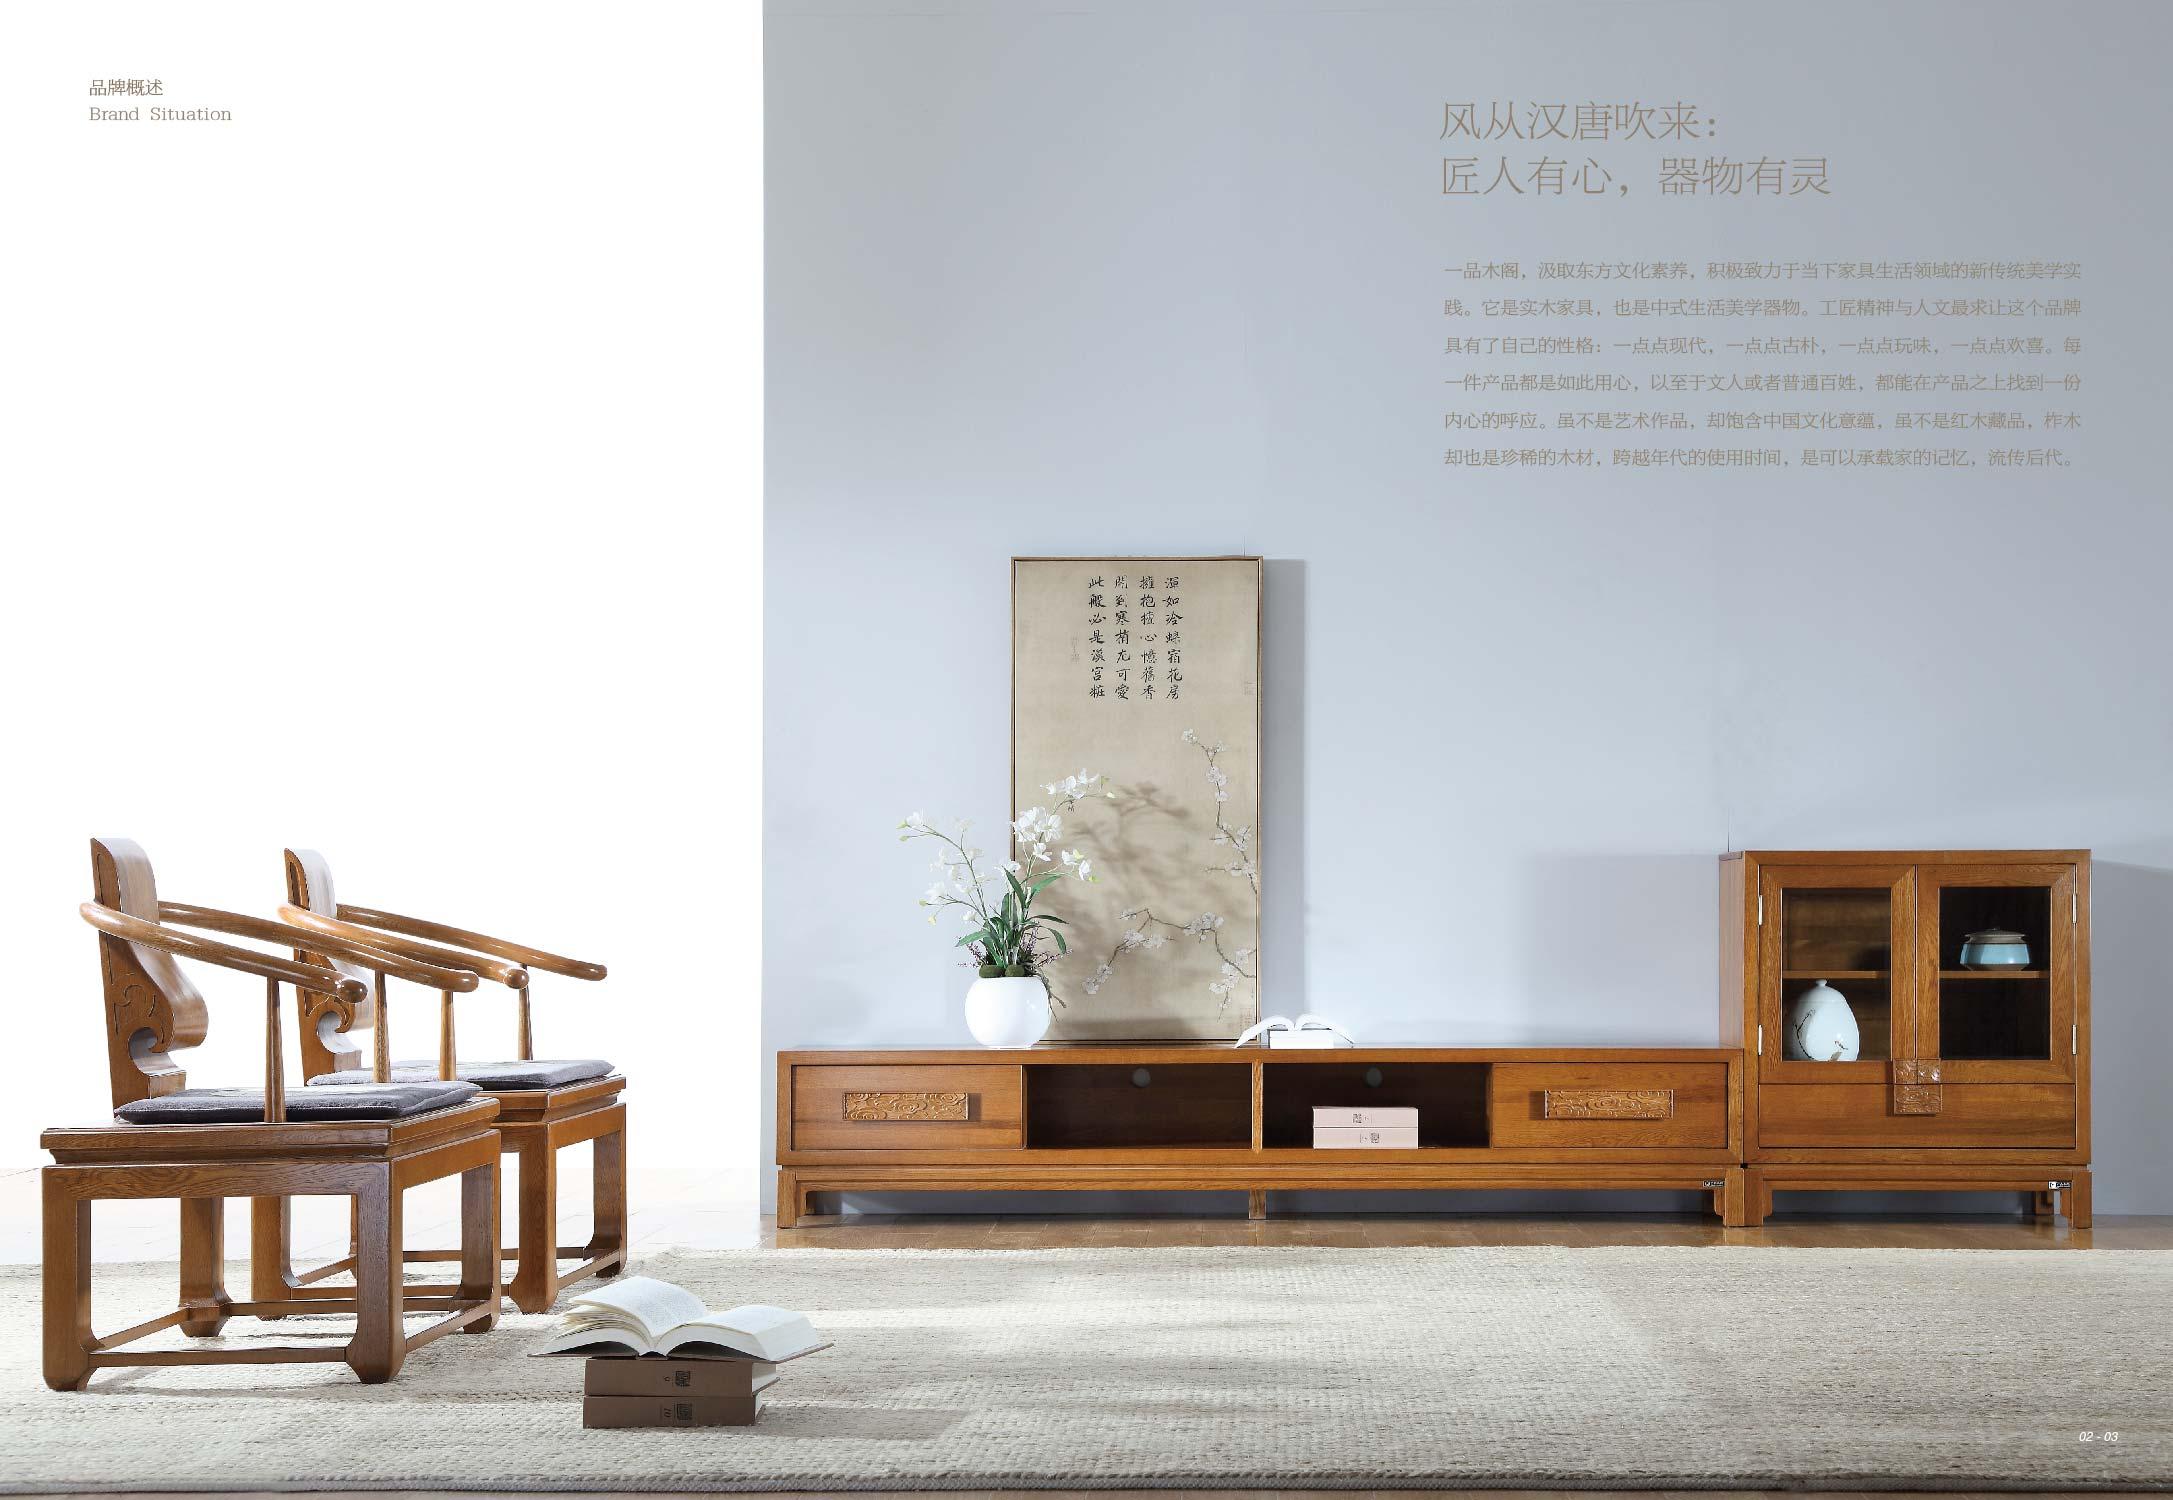 新中式古典家具画册设计|平面|书装/画册|郭玉龙图片